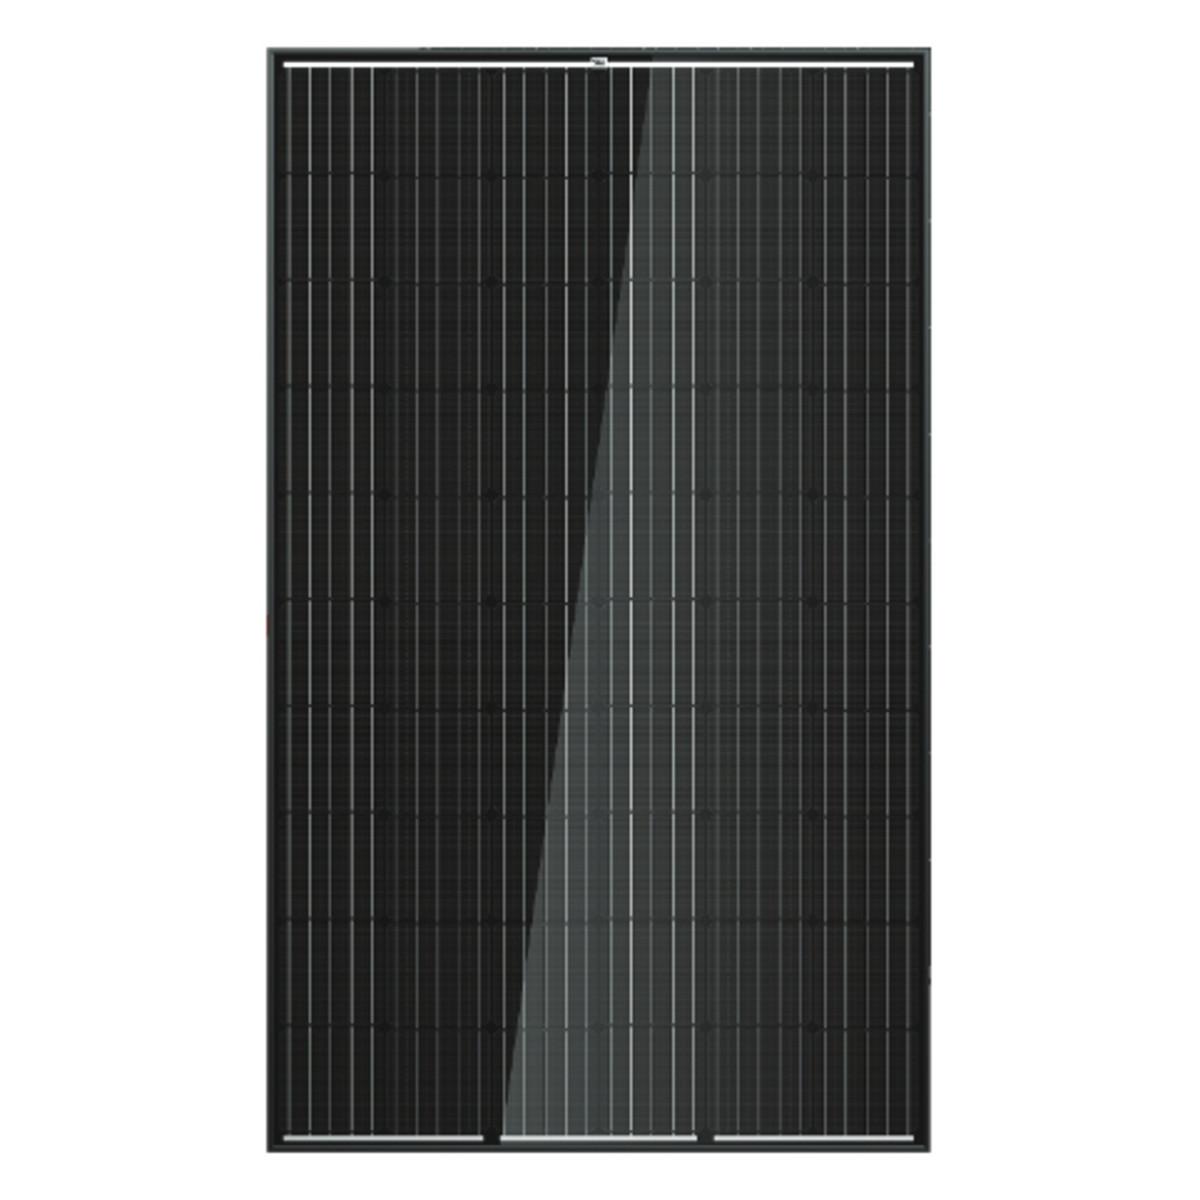 TrinaSolar TSM-305-DD05A.05(II) 305W Mono Solar Panel